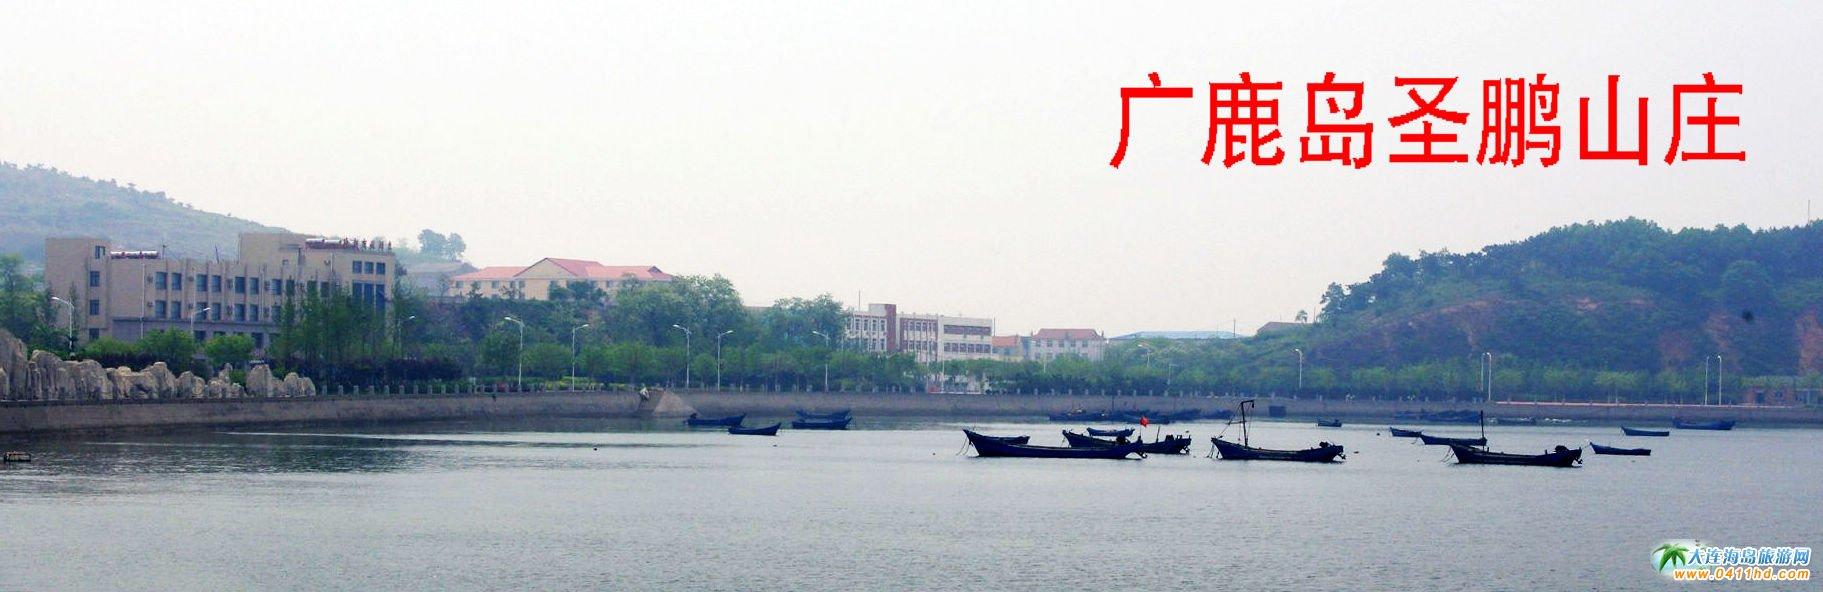 广鹿岛圣鹏山庄